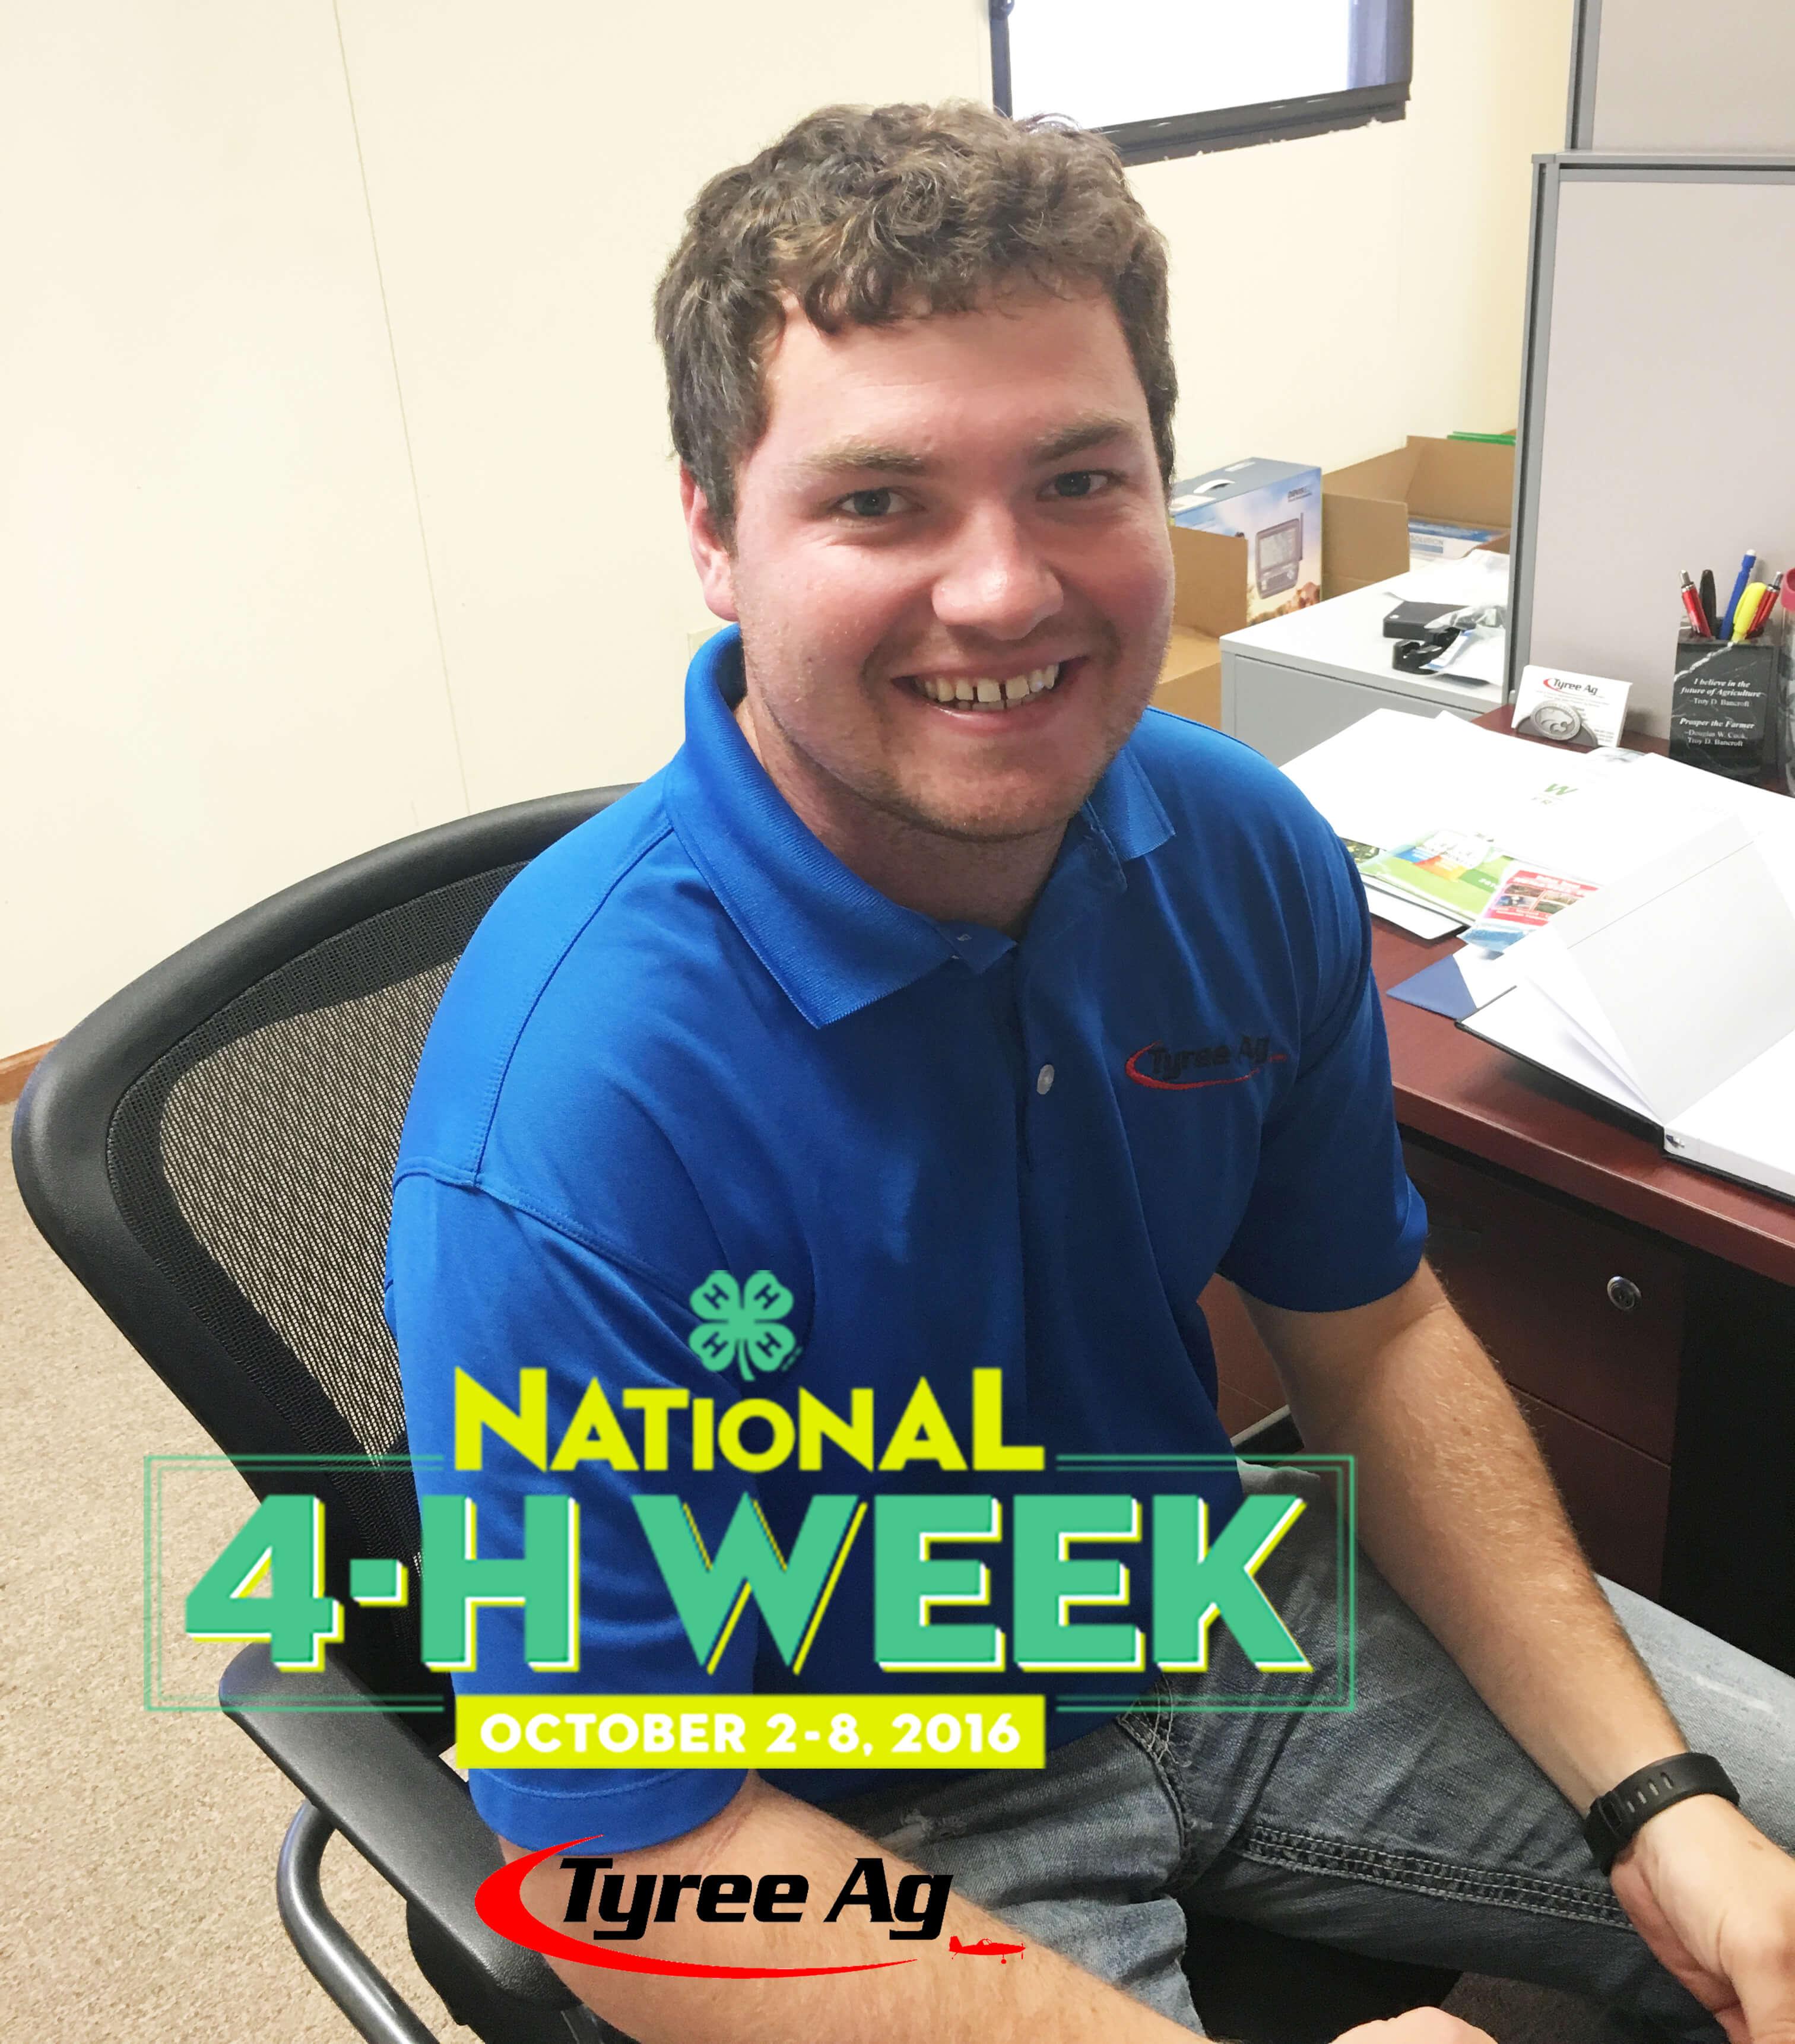 Garrett Reiss National 4-H Week